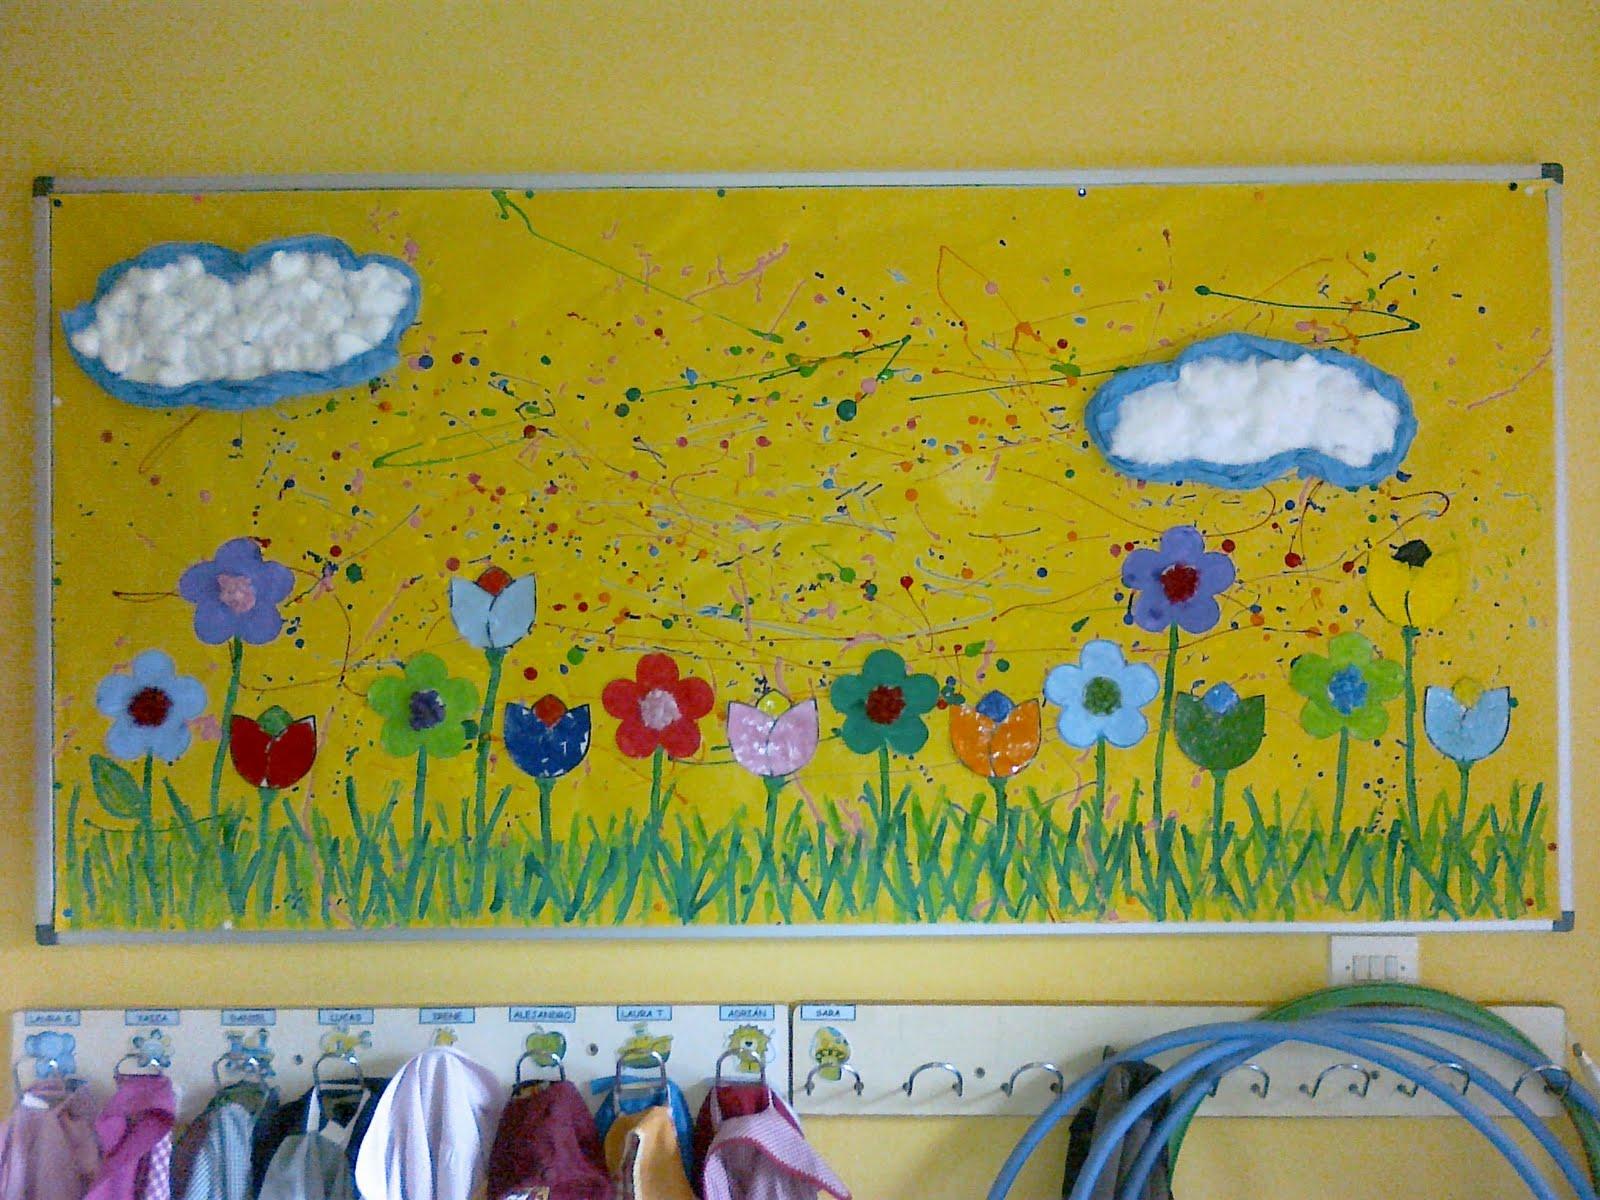 Peri dico mural primavera educaci n preescolar la revista for Como elaborar un periodico mural